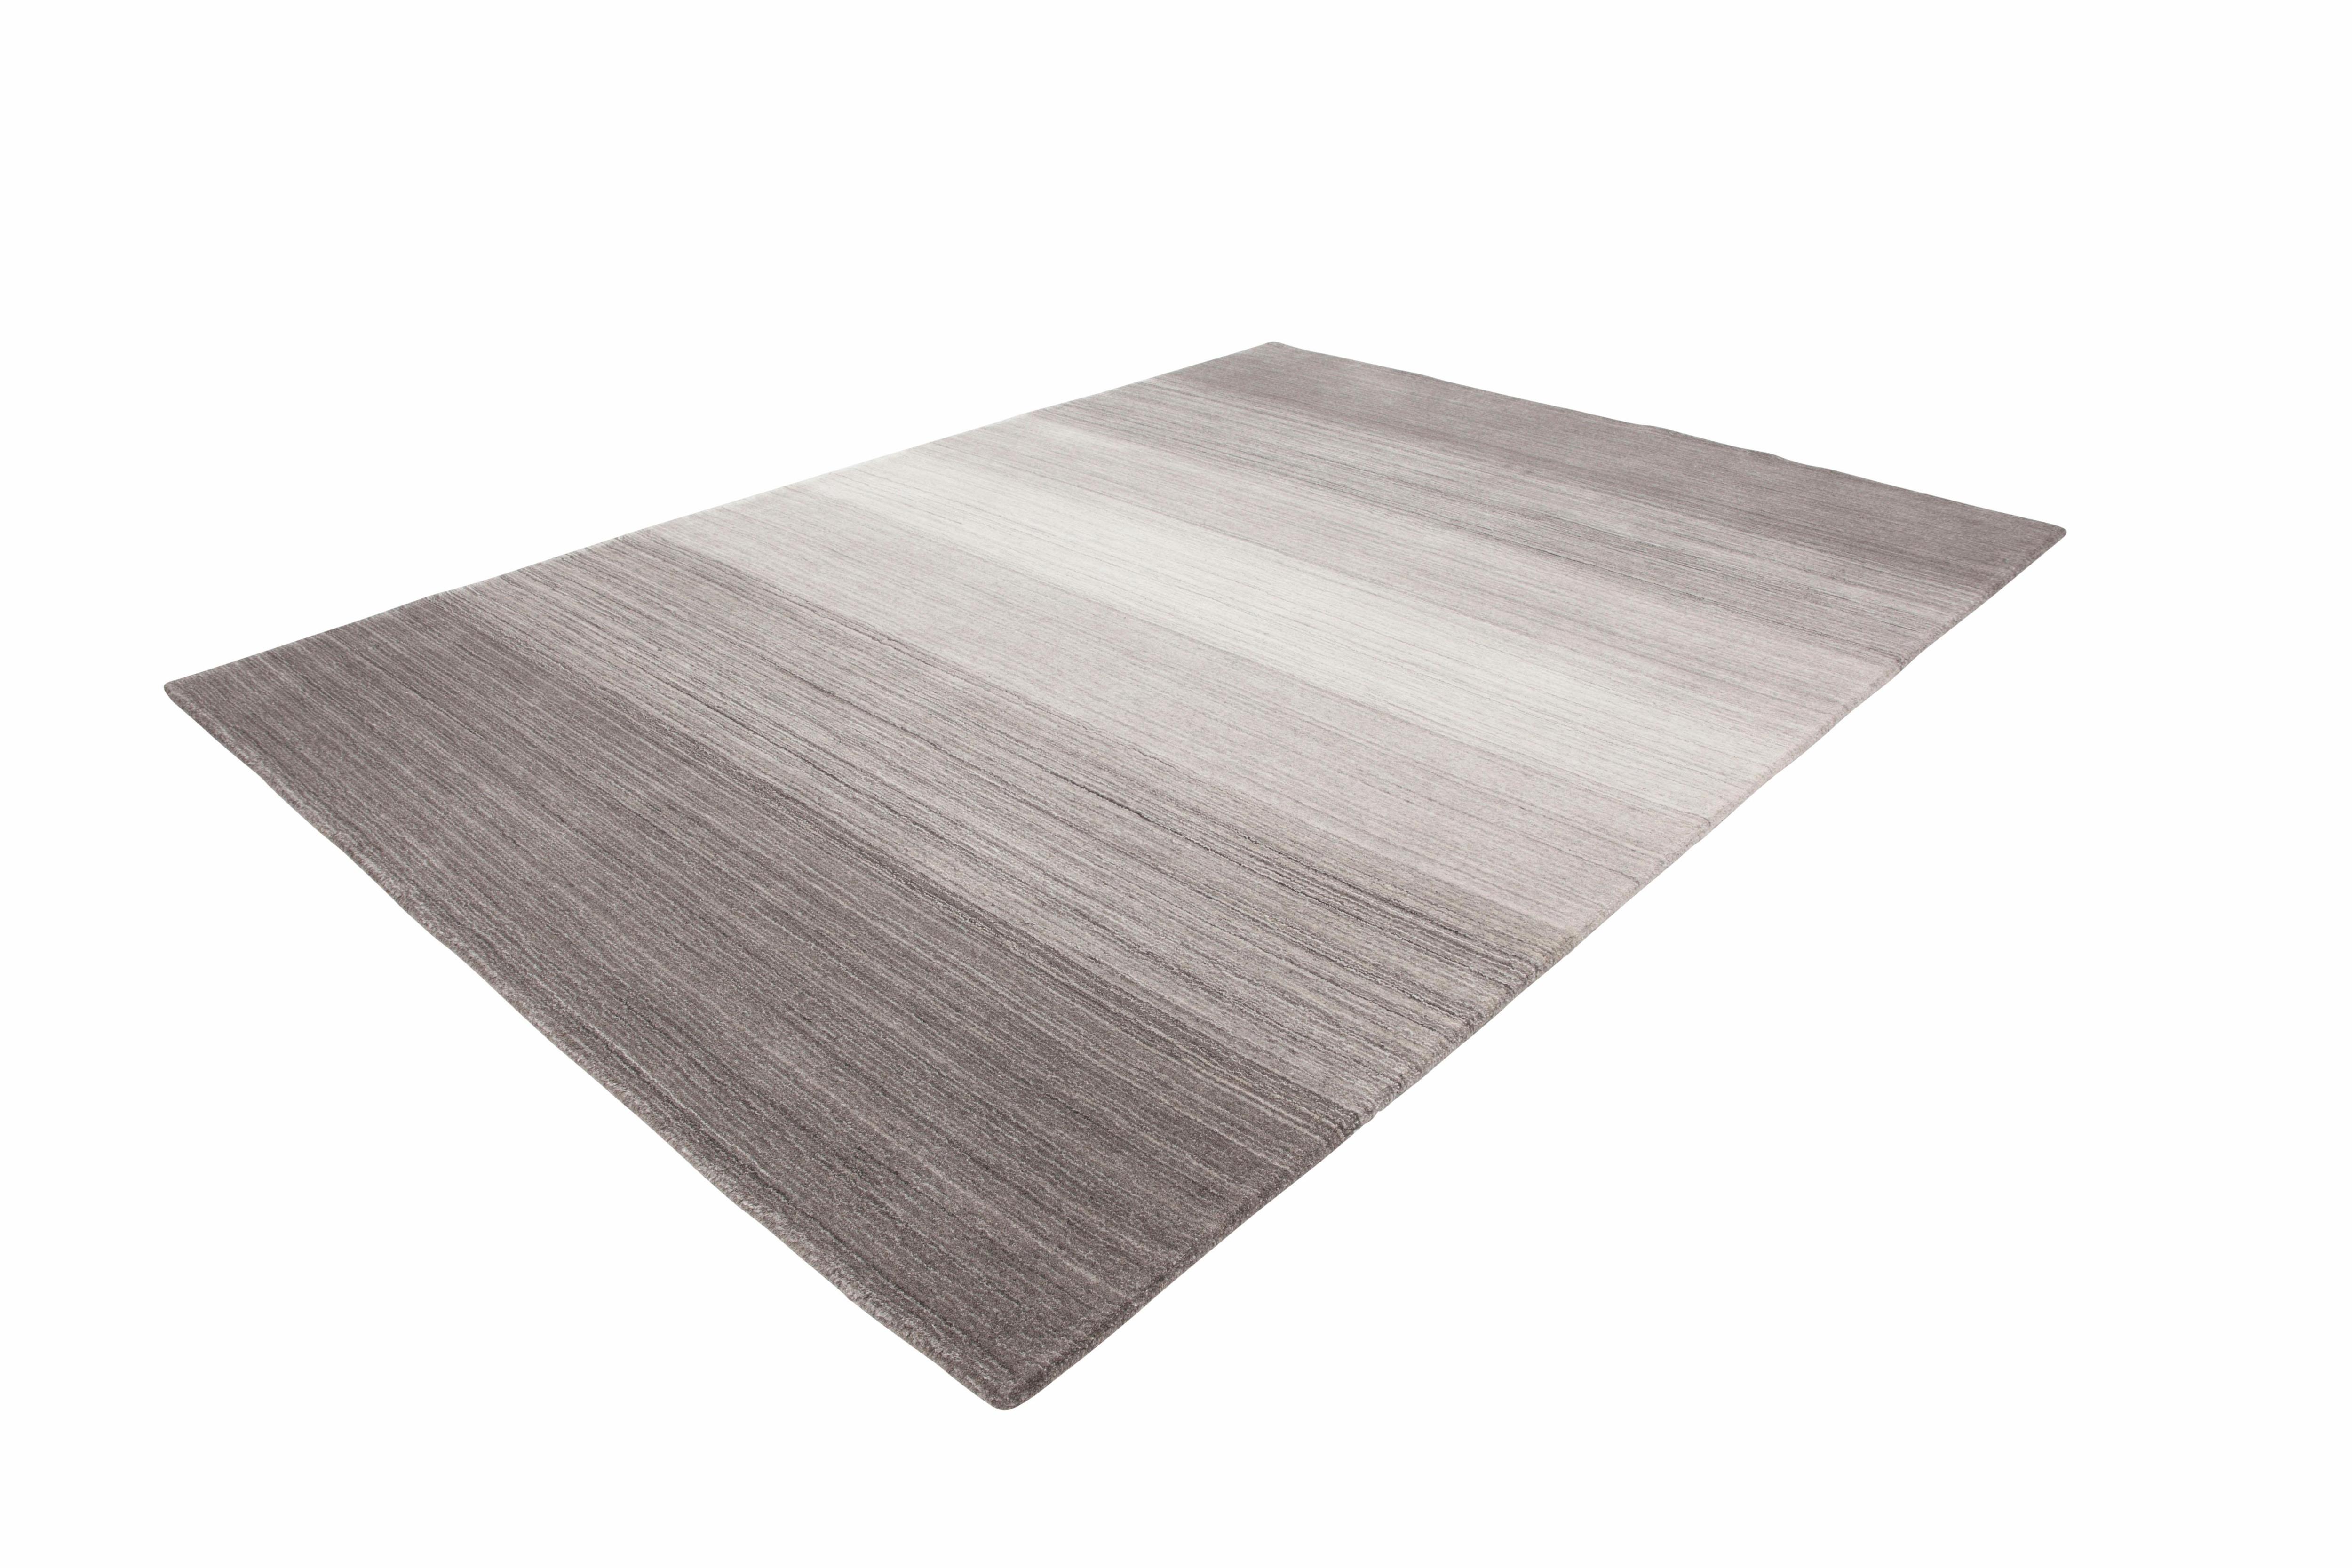 Wollteppich Jaipur 801 LALEE rechteckig Höhe 13 mm handgewebt